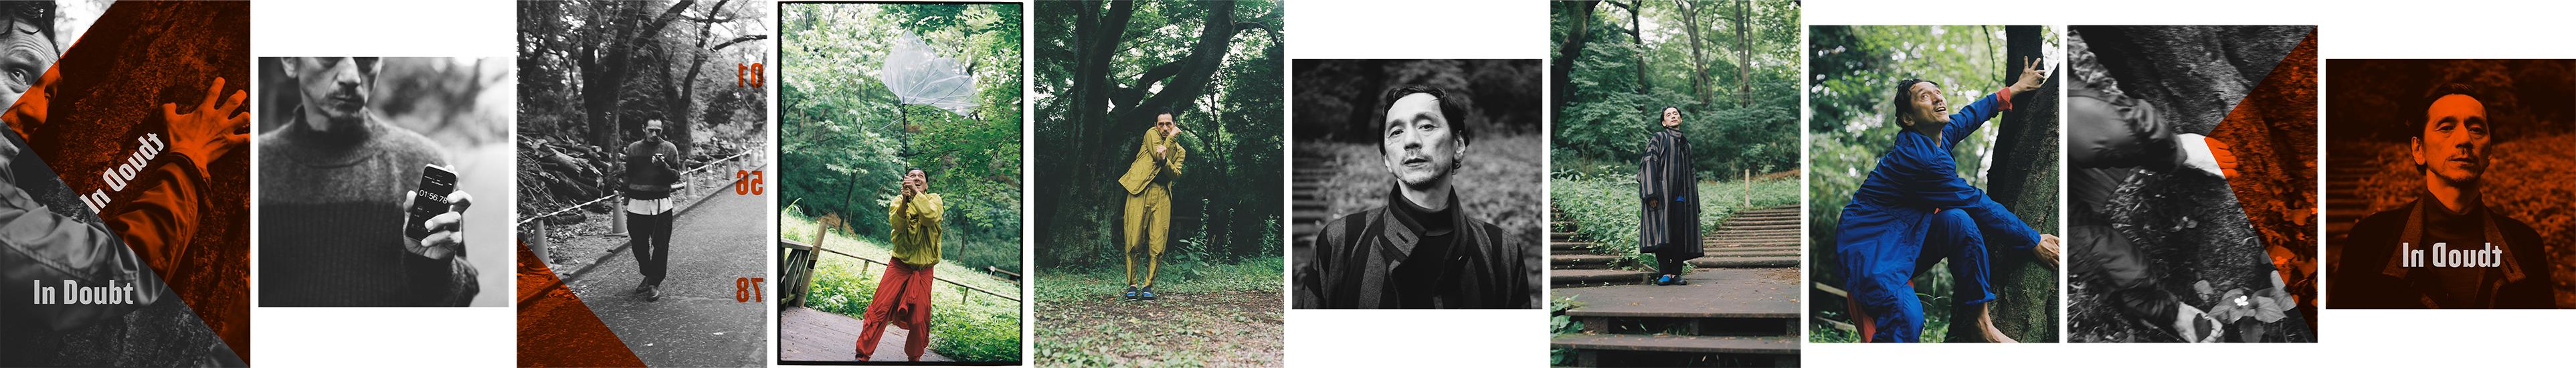 MOTHER magazine _Takao Kawaguchi